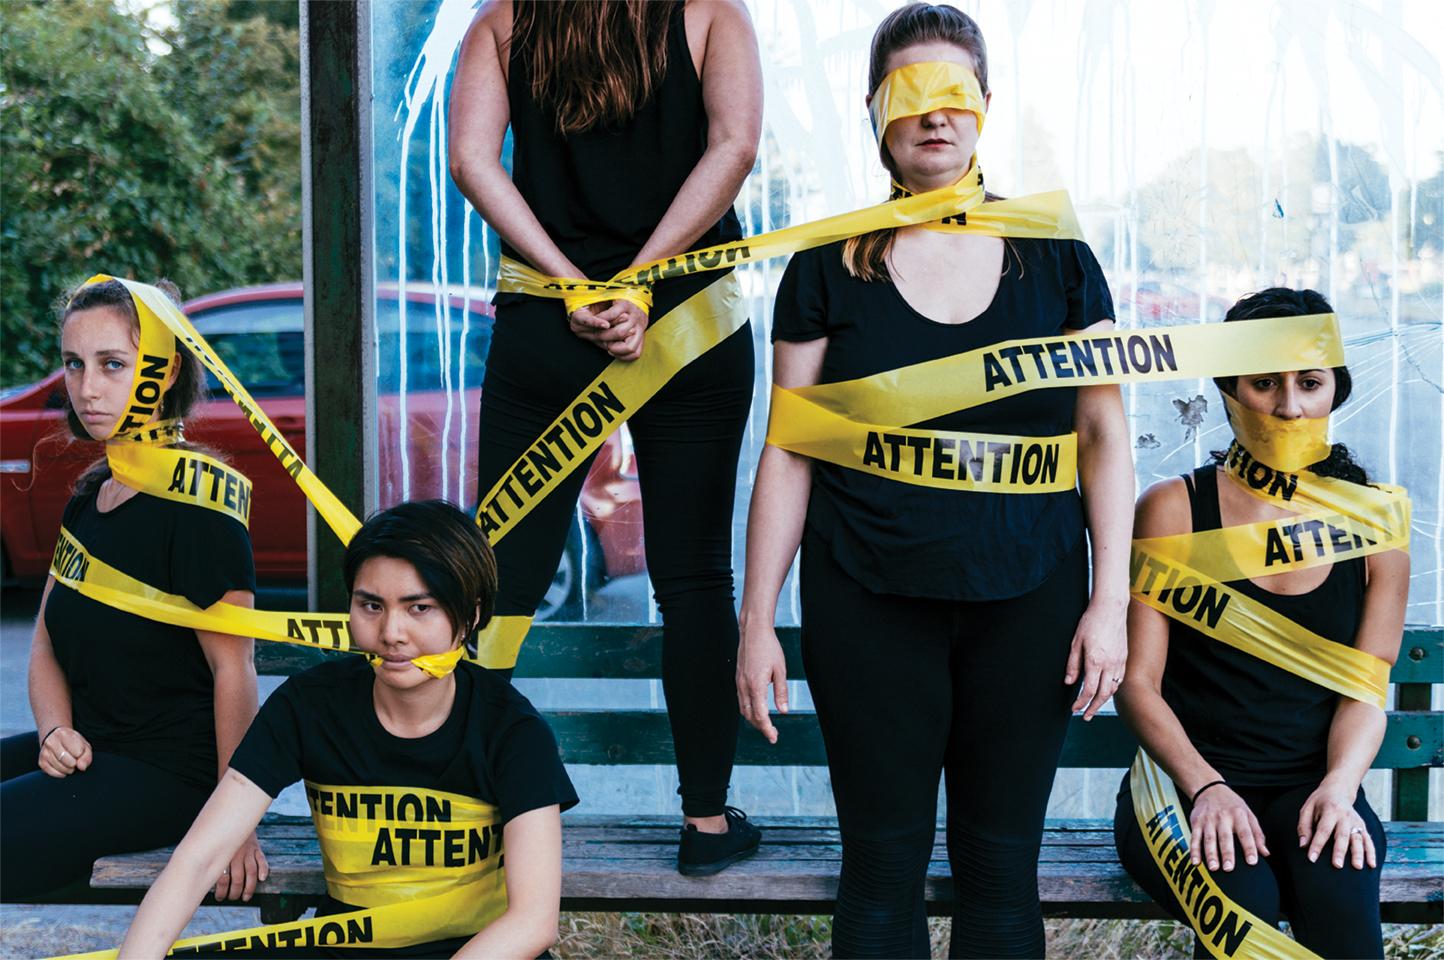 HYSTERIA (Direct Theatre Collective, 2018)